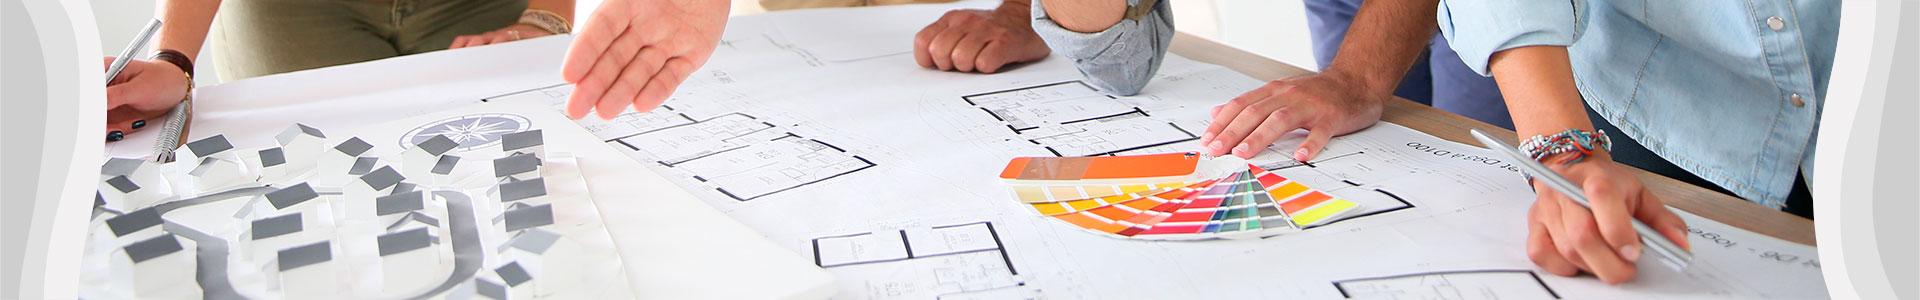 Técnico en Diseño de Interiores